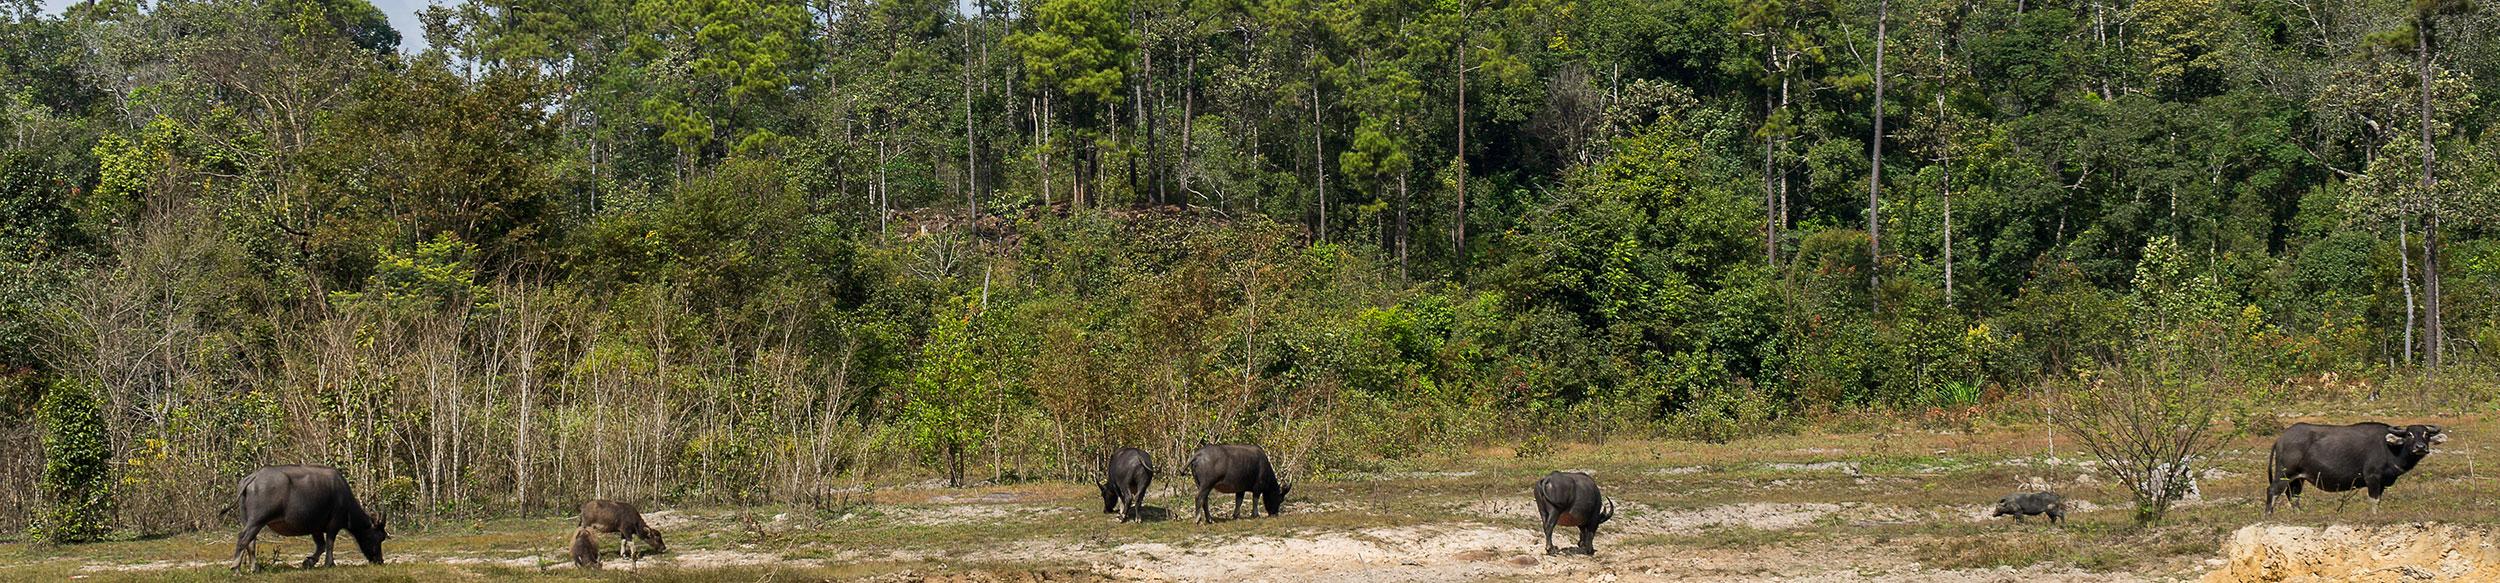 L'aventure dans la parc de Phou Khao Khouay avec Carnets d'Asie